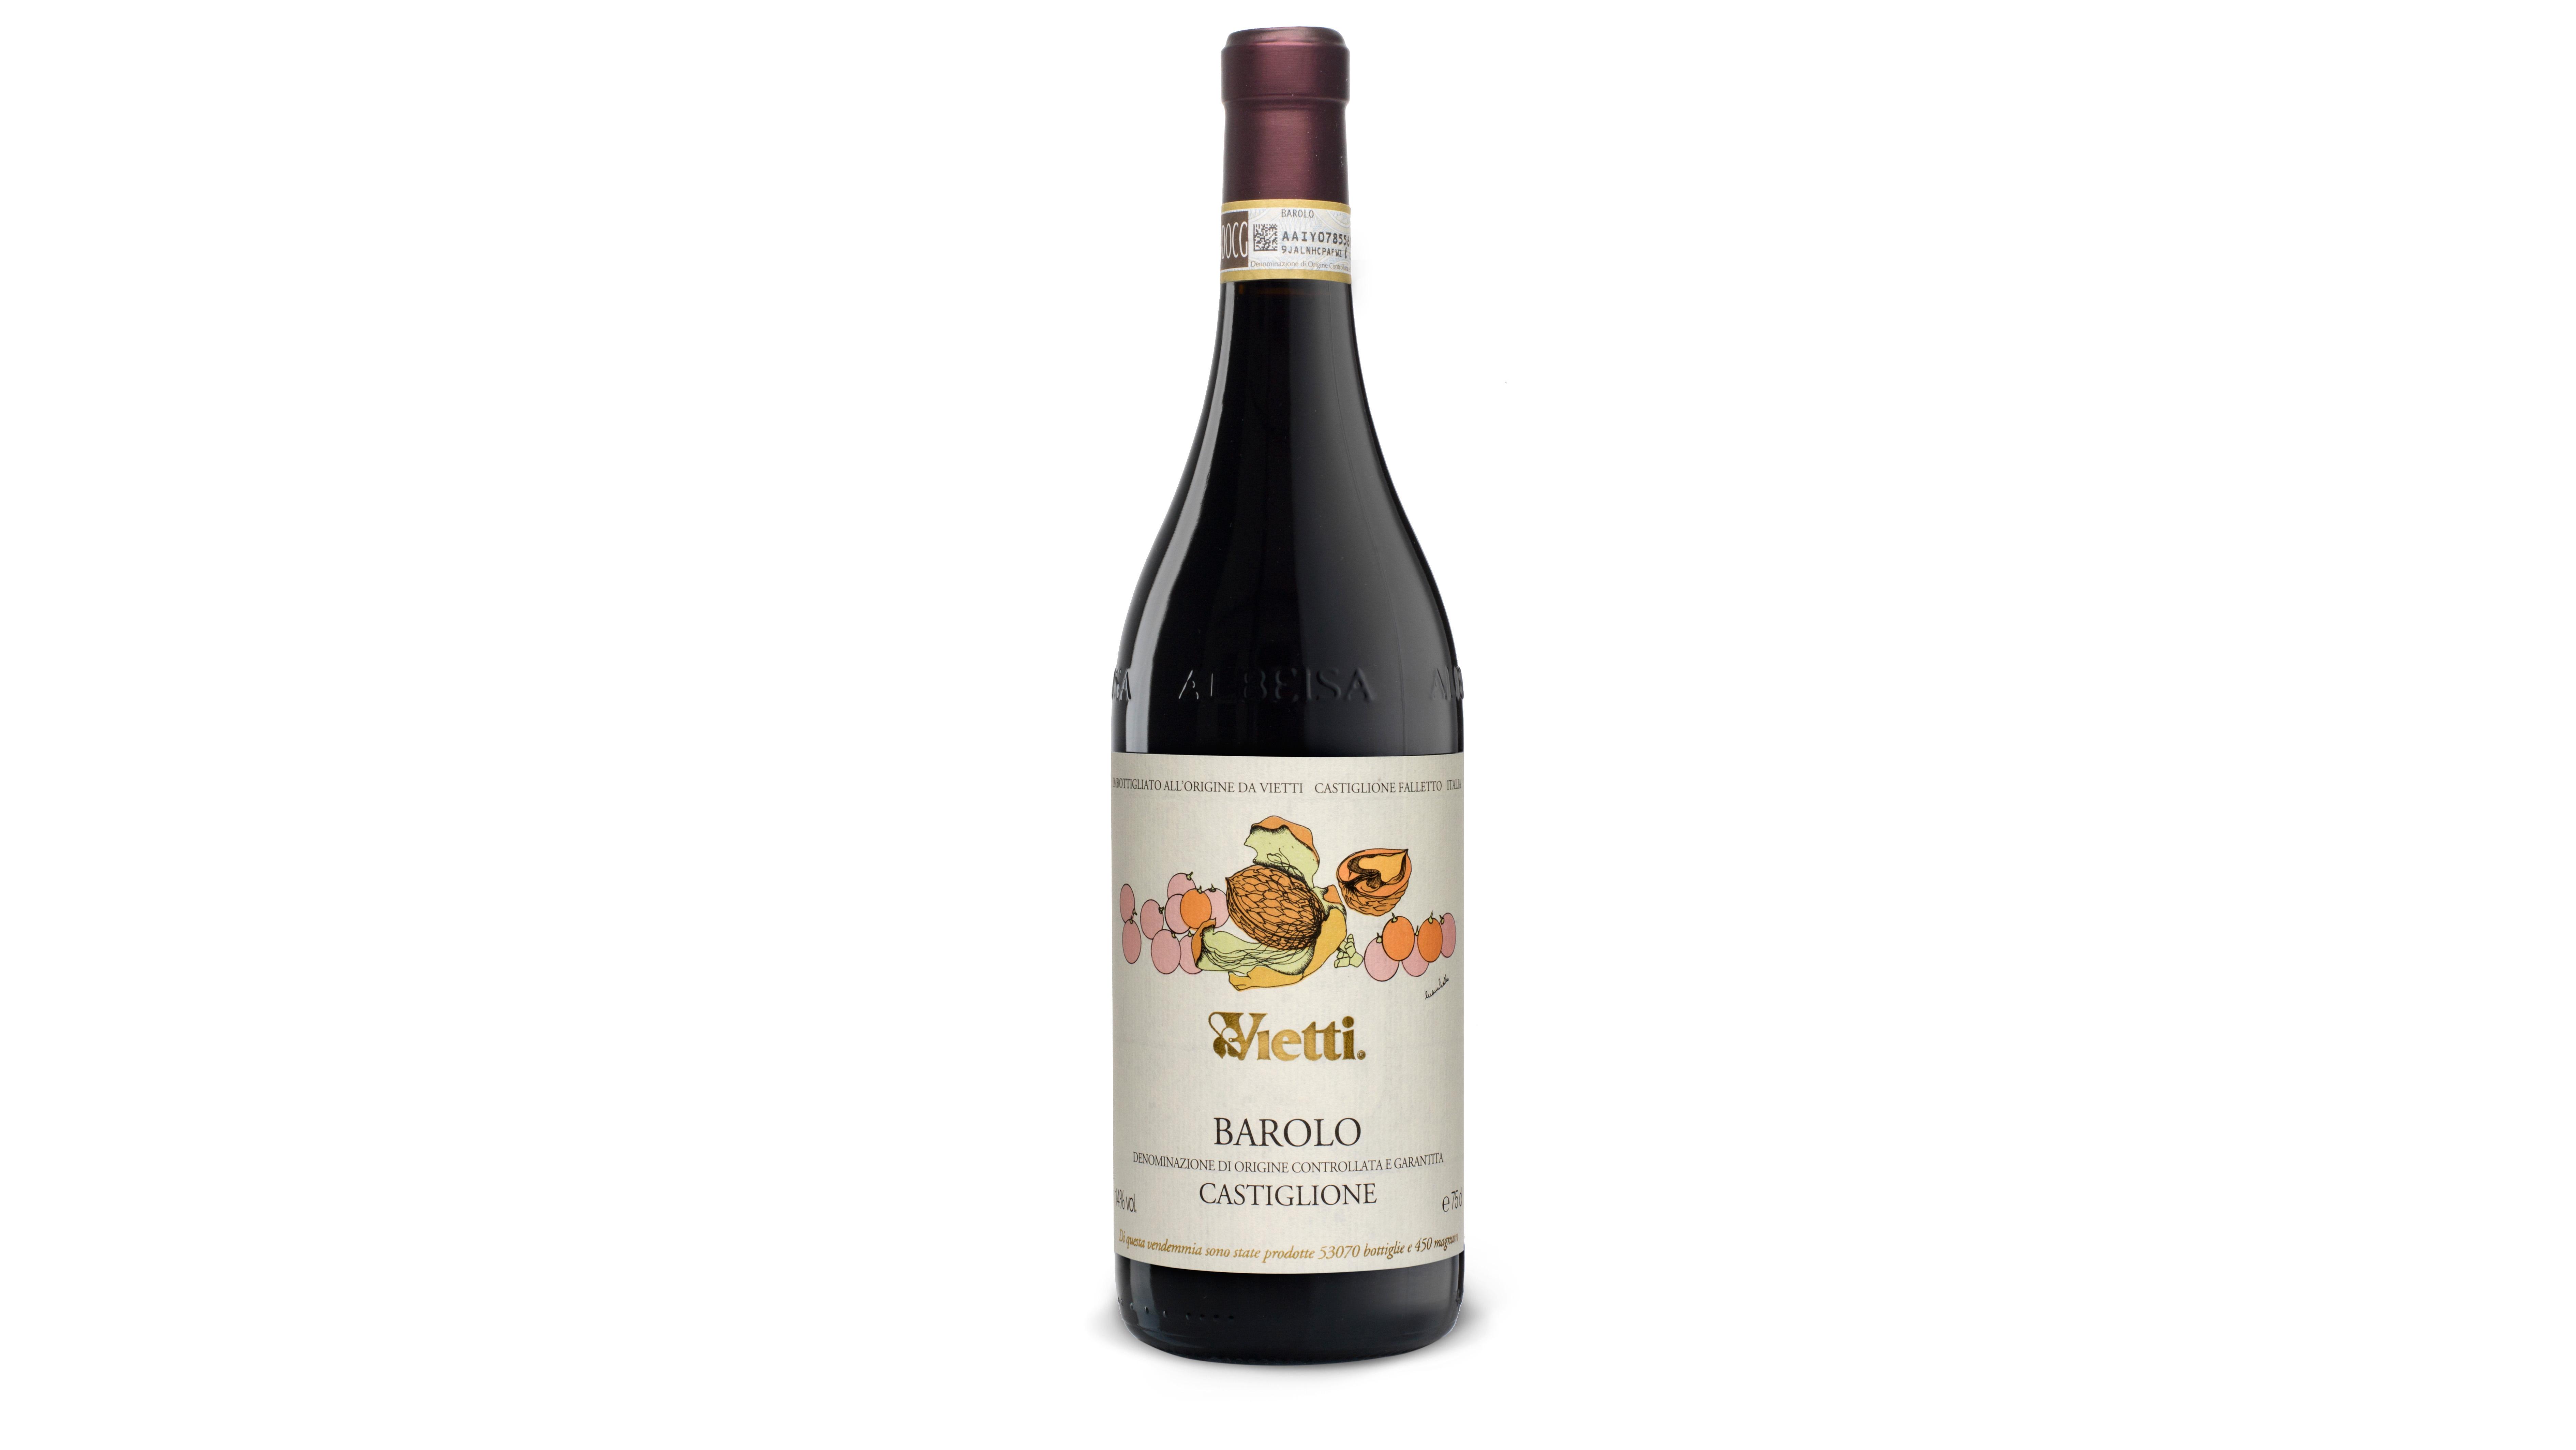 special occasion wines vietti barolo castiglione